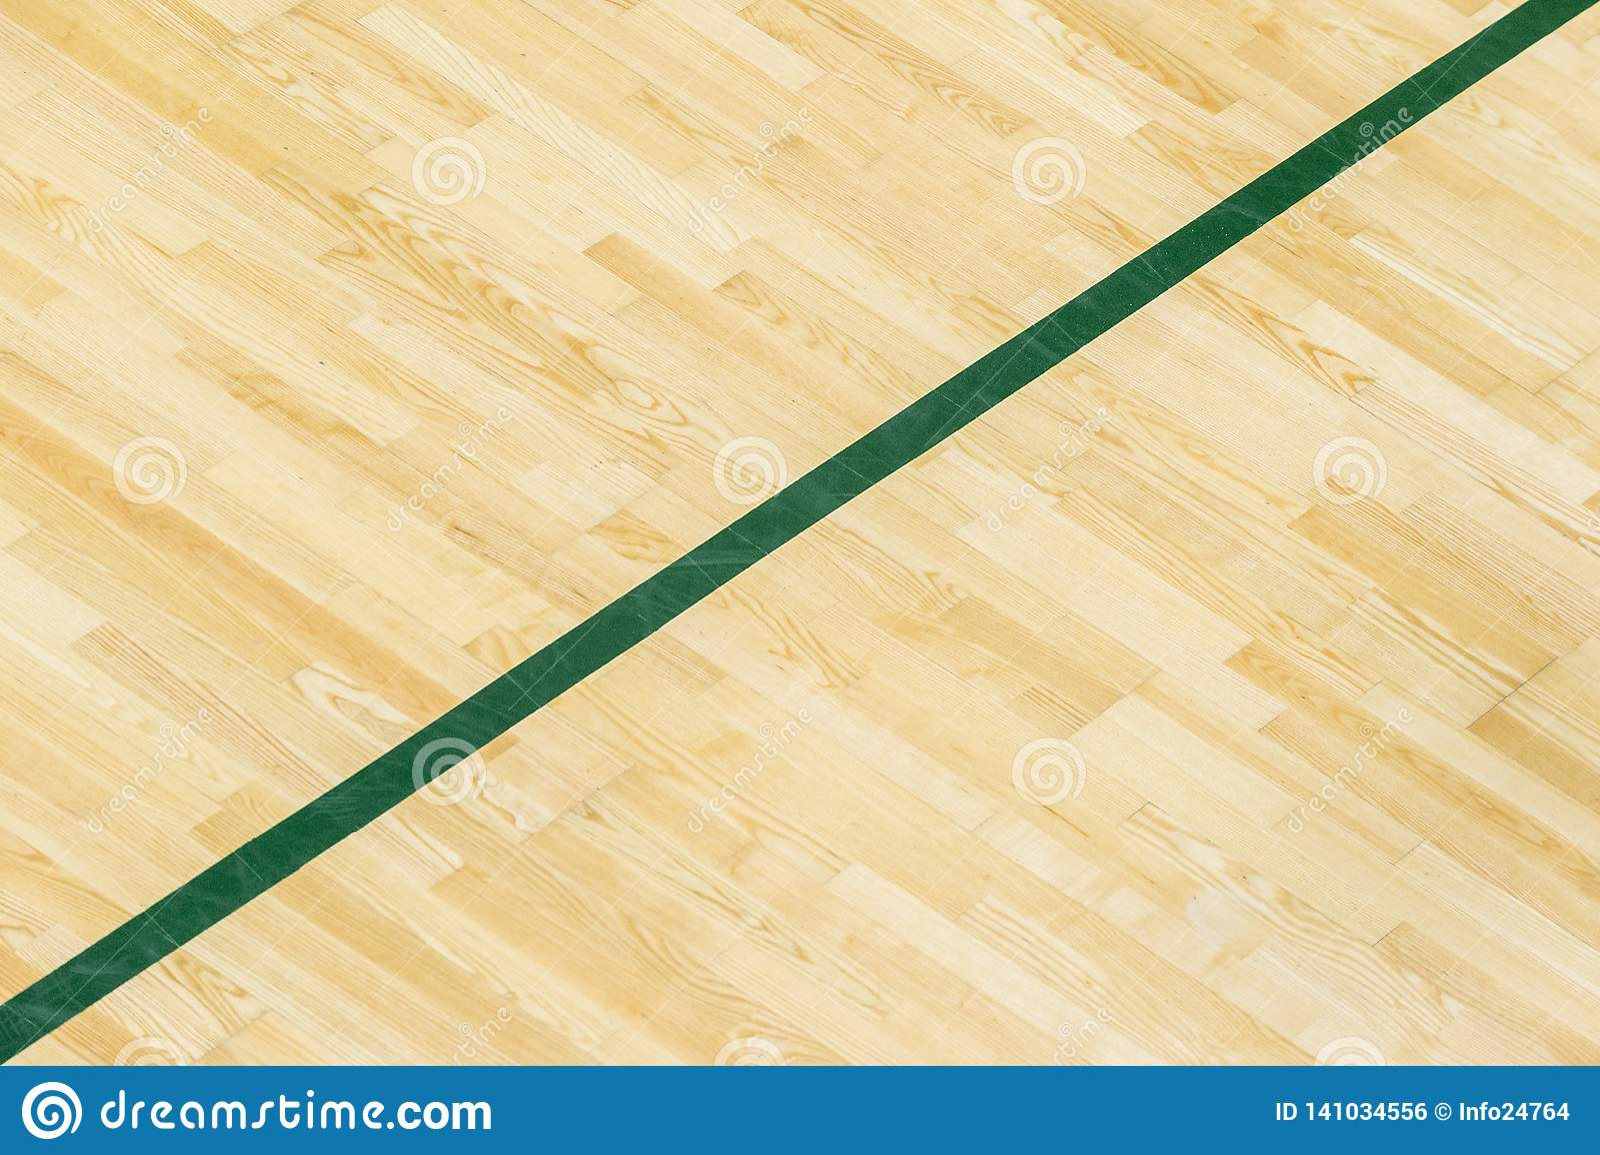 Зеленая линия на поле спортзала для назначает суд спорт Бадминтон, Futsal, волейбол и баскетбольная площадка